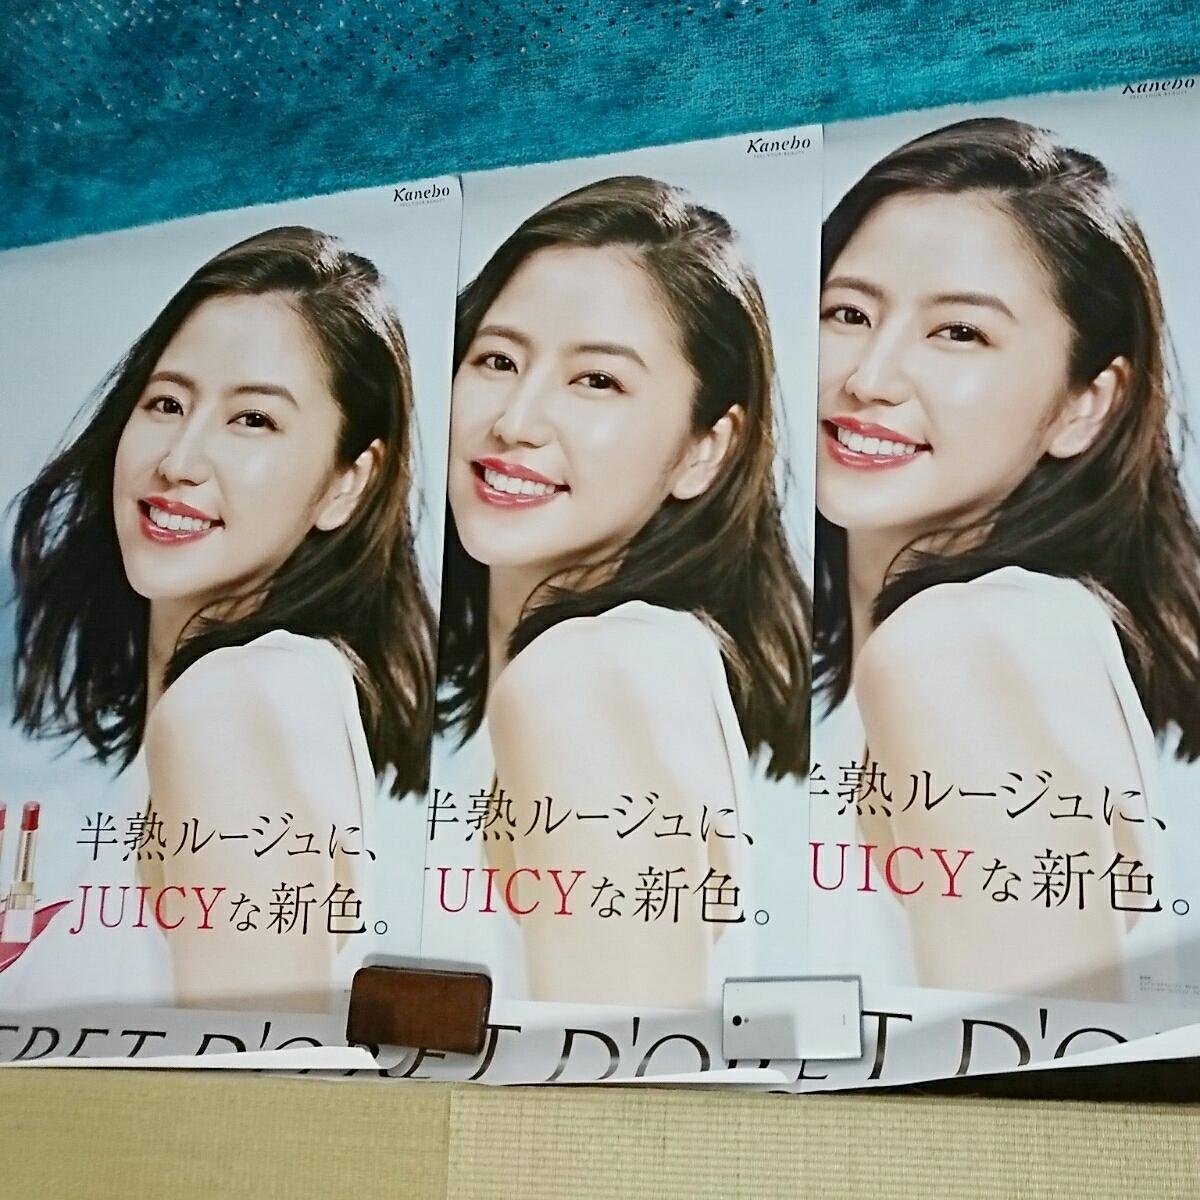 長澤まさみ ポスター 特大 コフレドール 3枚セット 良品 特大ポスター